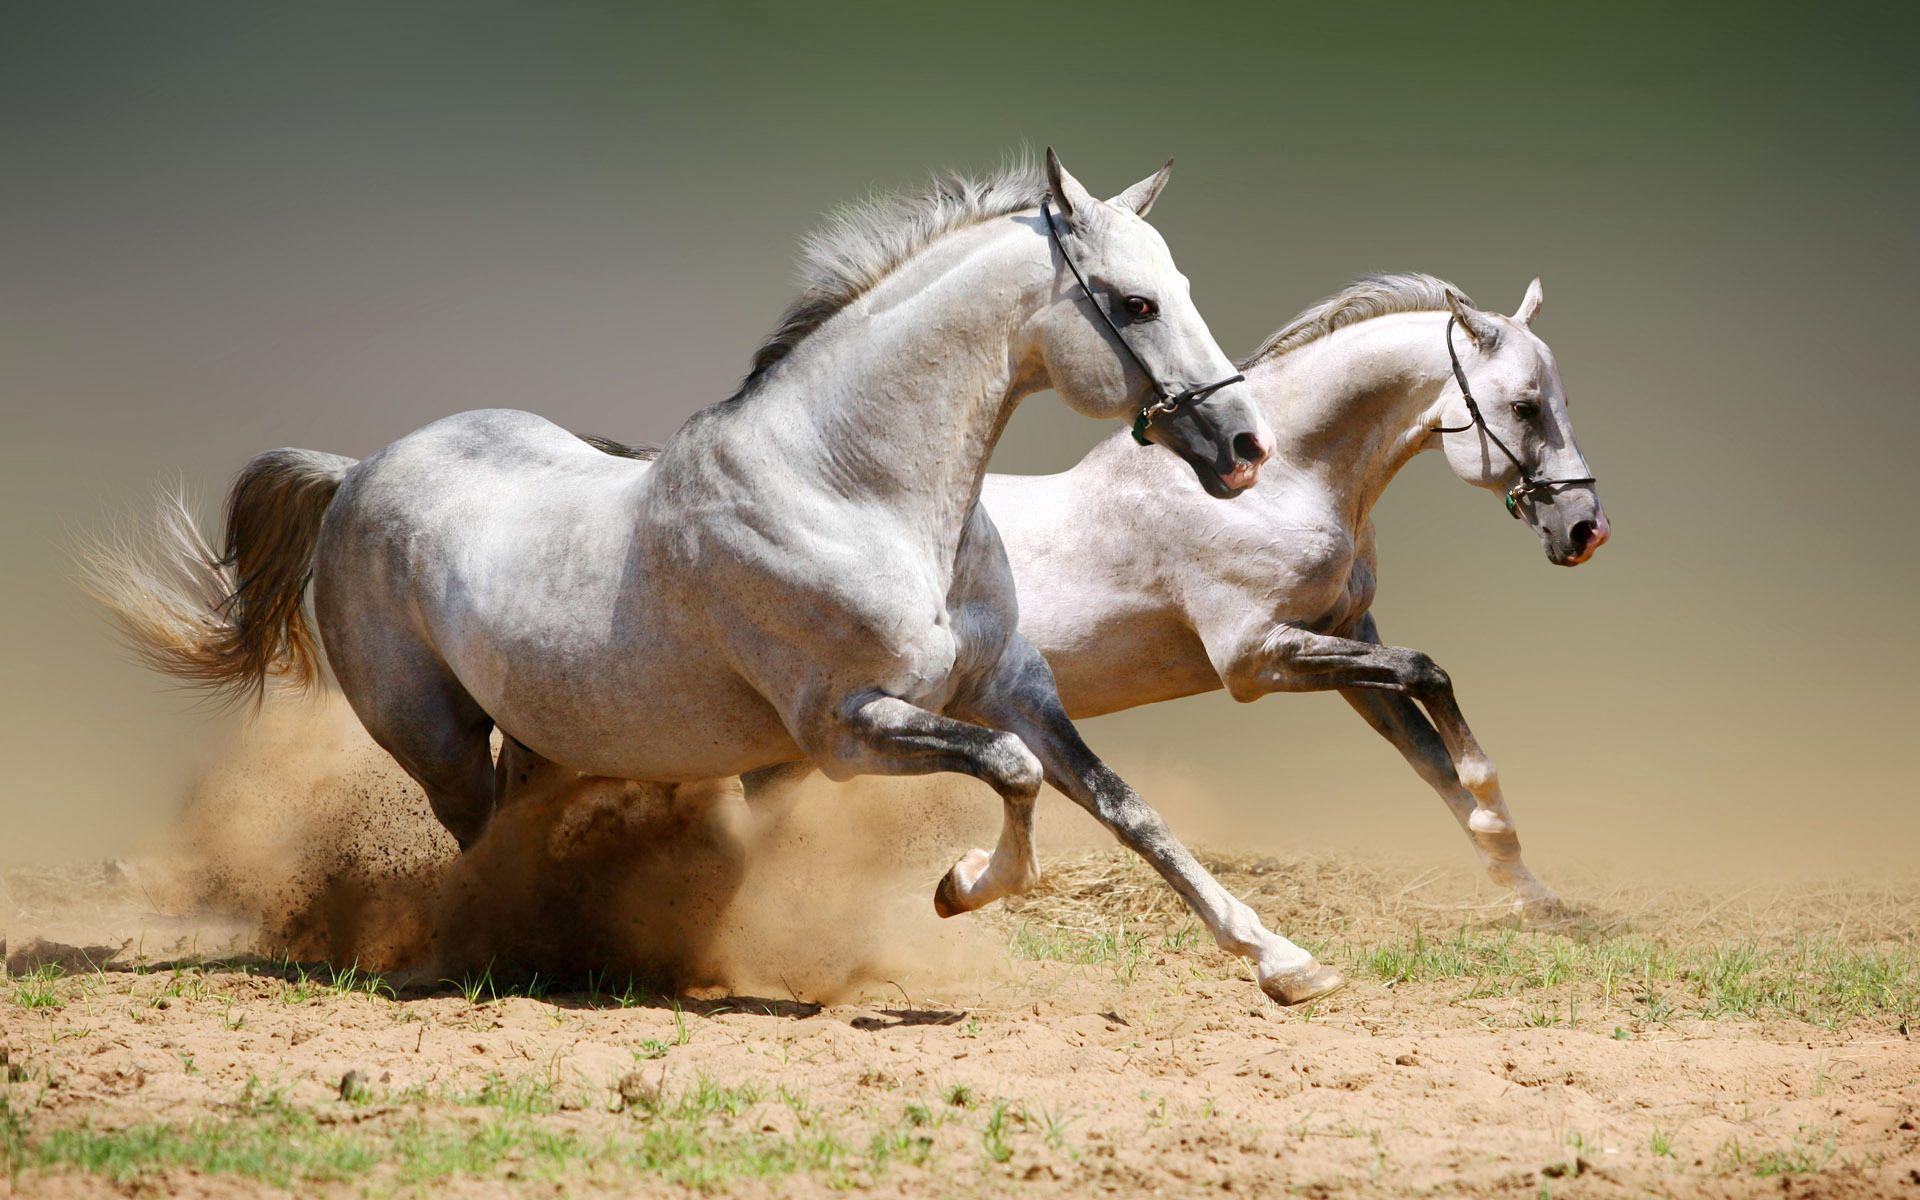 111160 Protetores de tela e papéis de parede Cavalos em seu telefone. Baixe Cavalos, Animais, Casal, Par, Pó, Pulando, Salto fotos gratuitamente